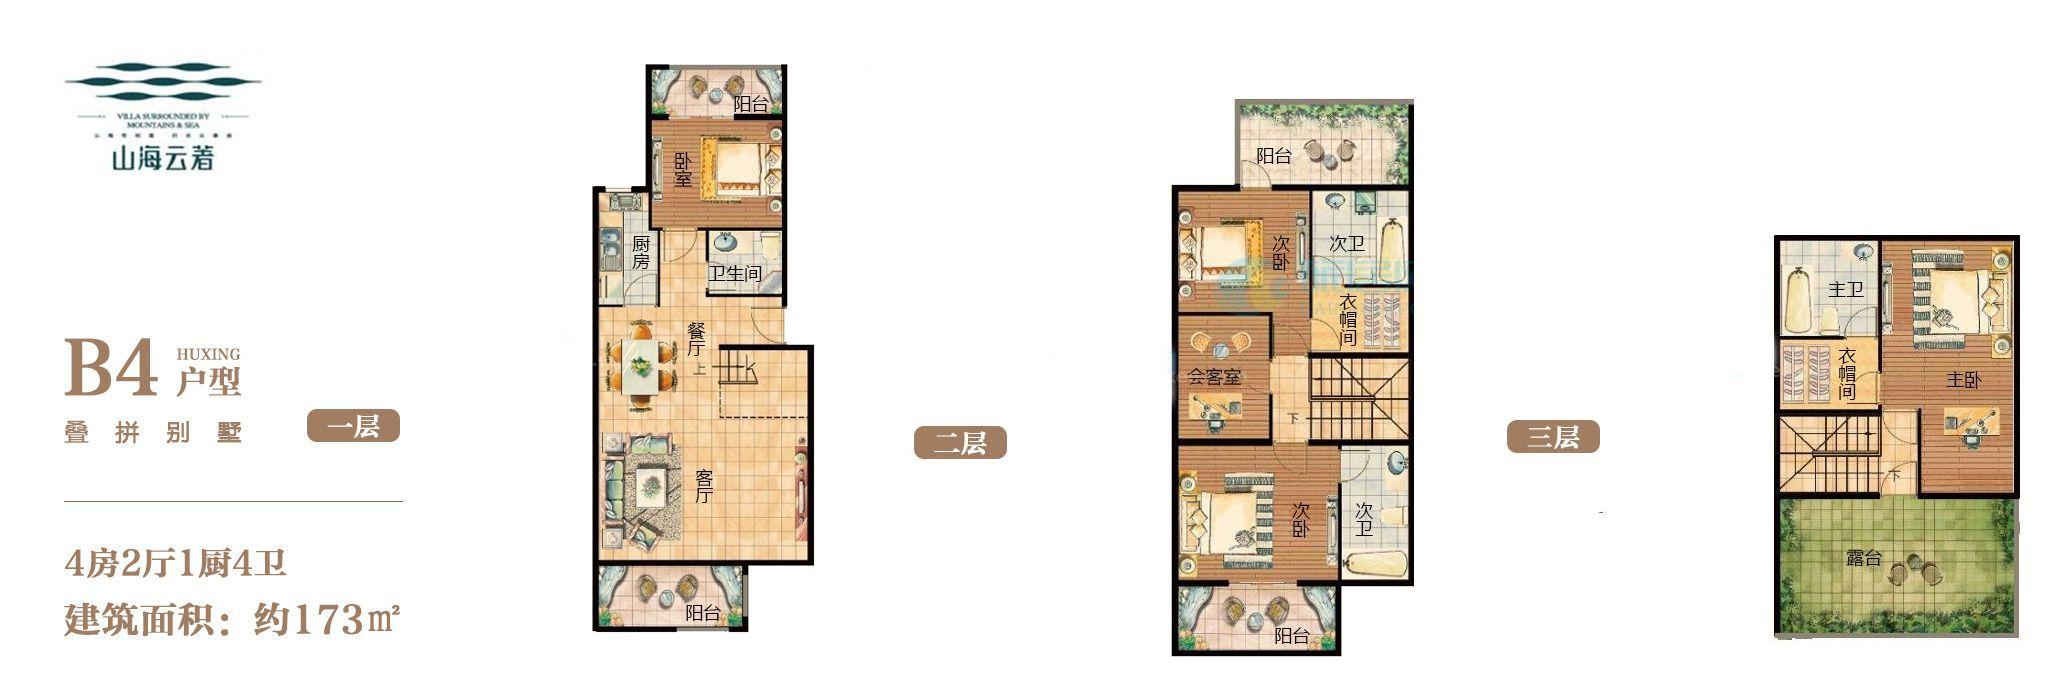 叠拼别墅B4户型 4房2厅1厨4卫 建面约173㎡